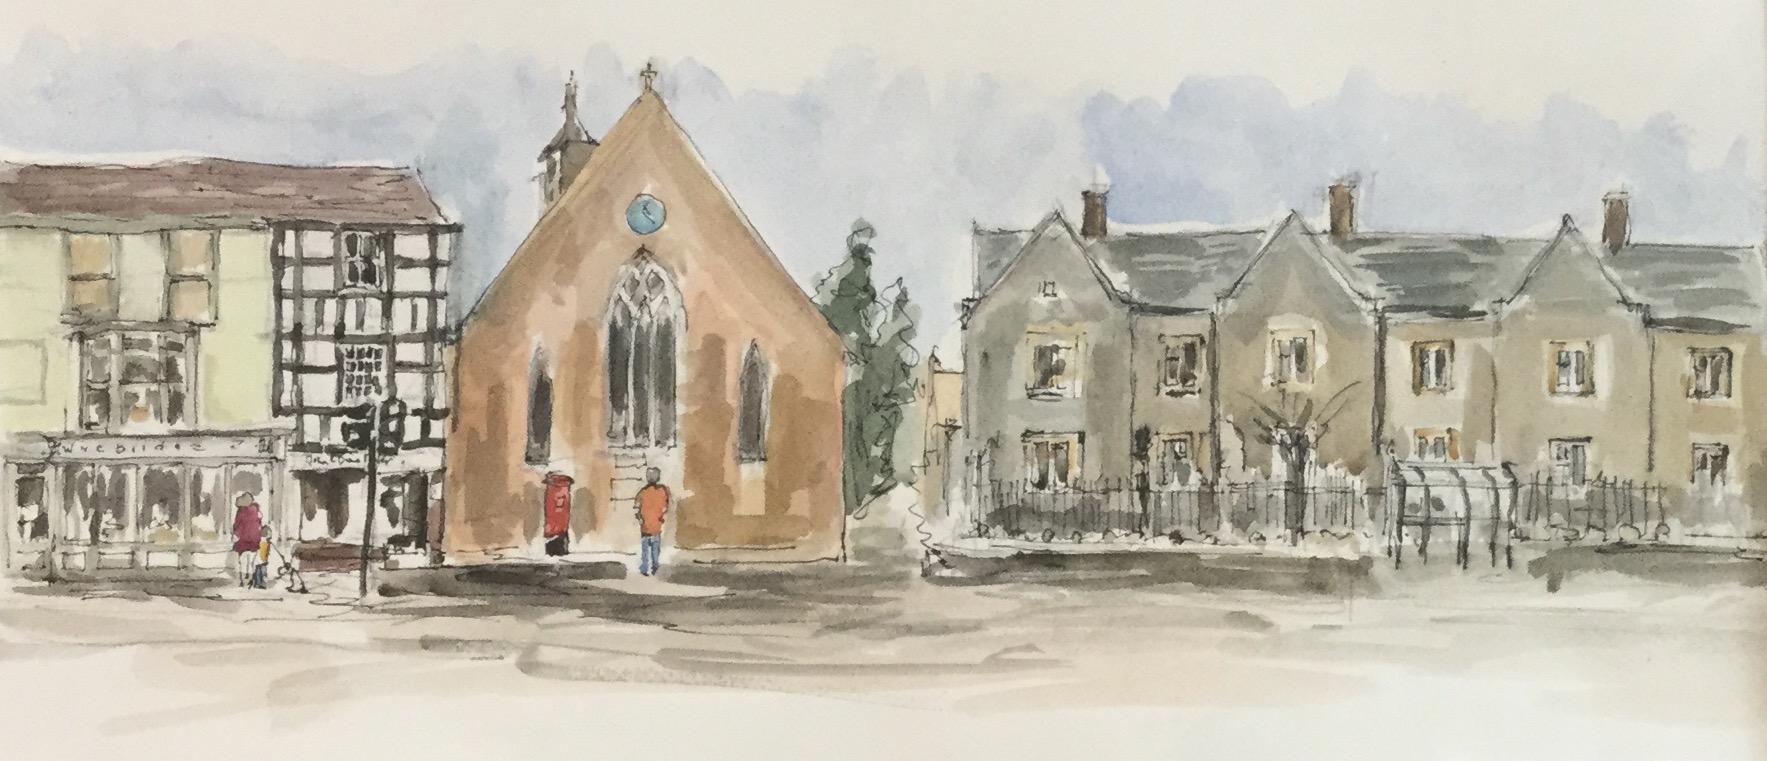 Ledbury High Street and Almshouses. Available as a card